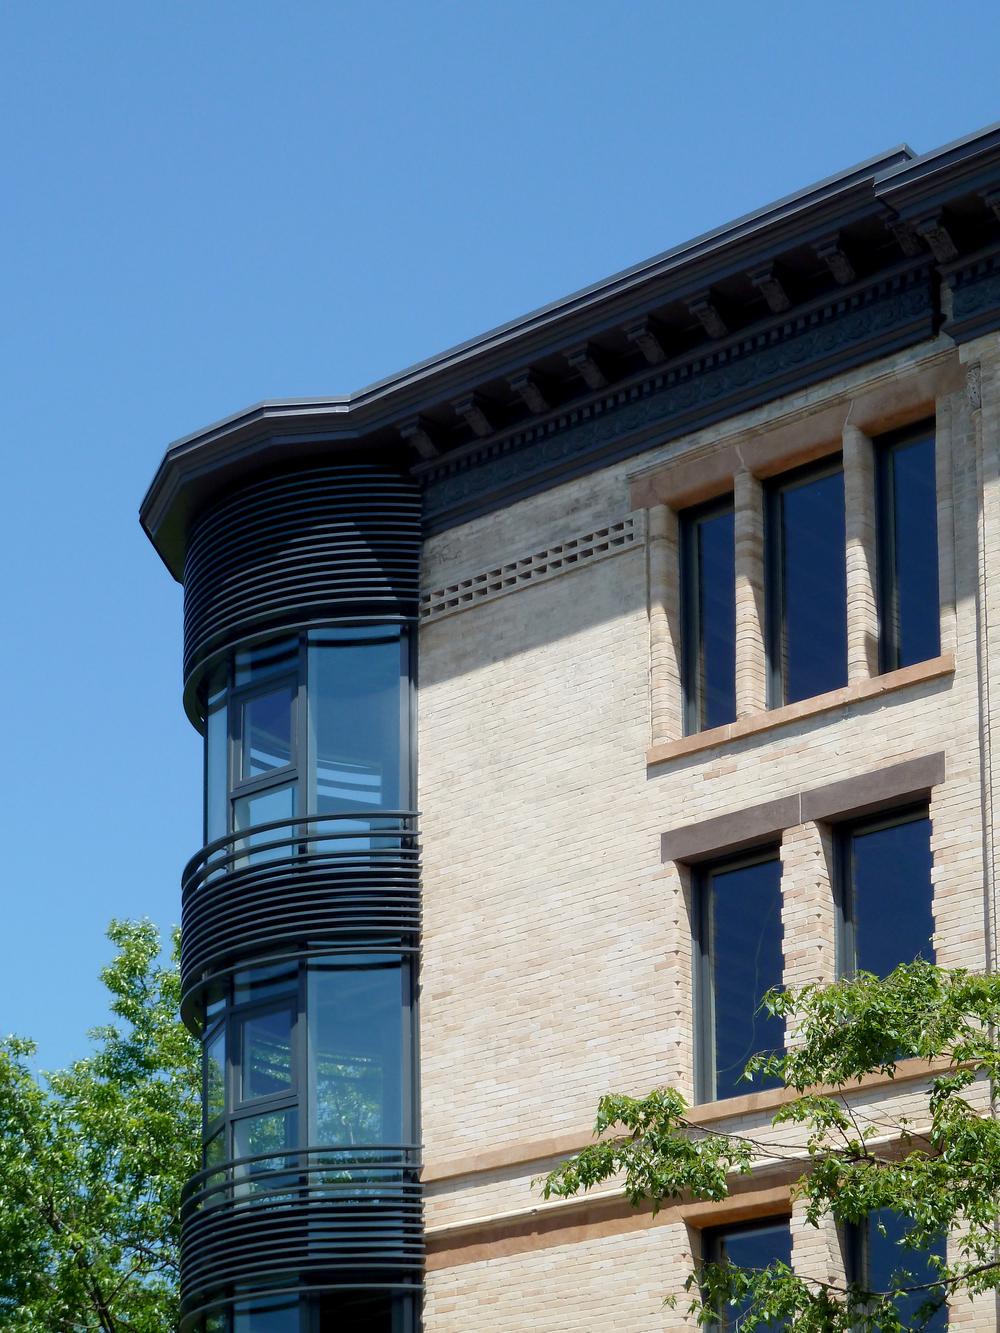 Exterior turret detail